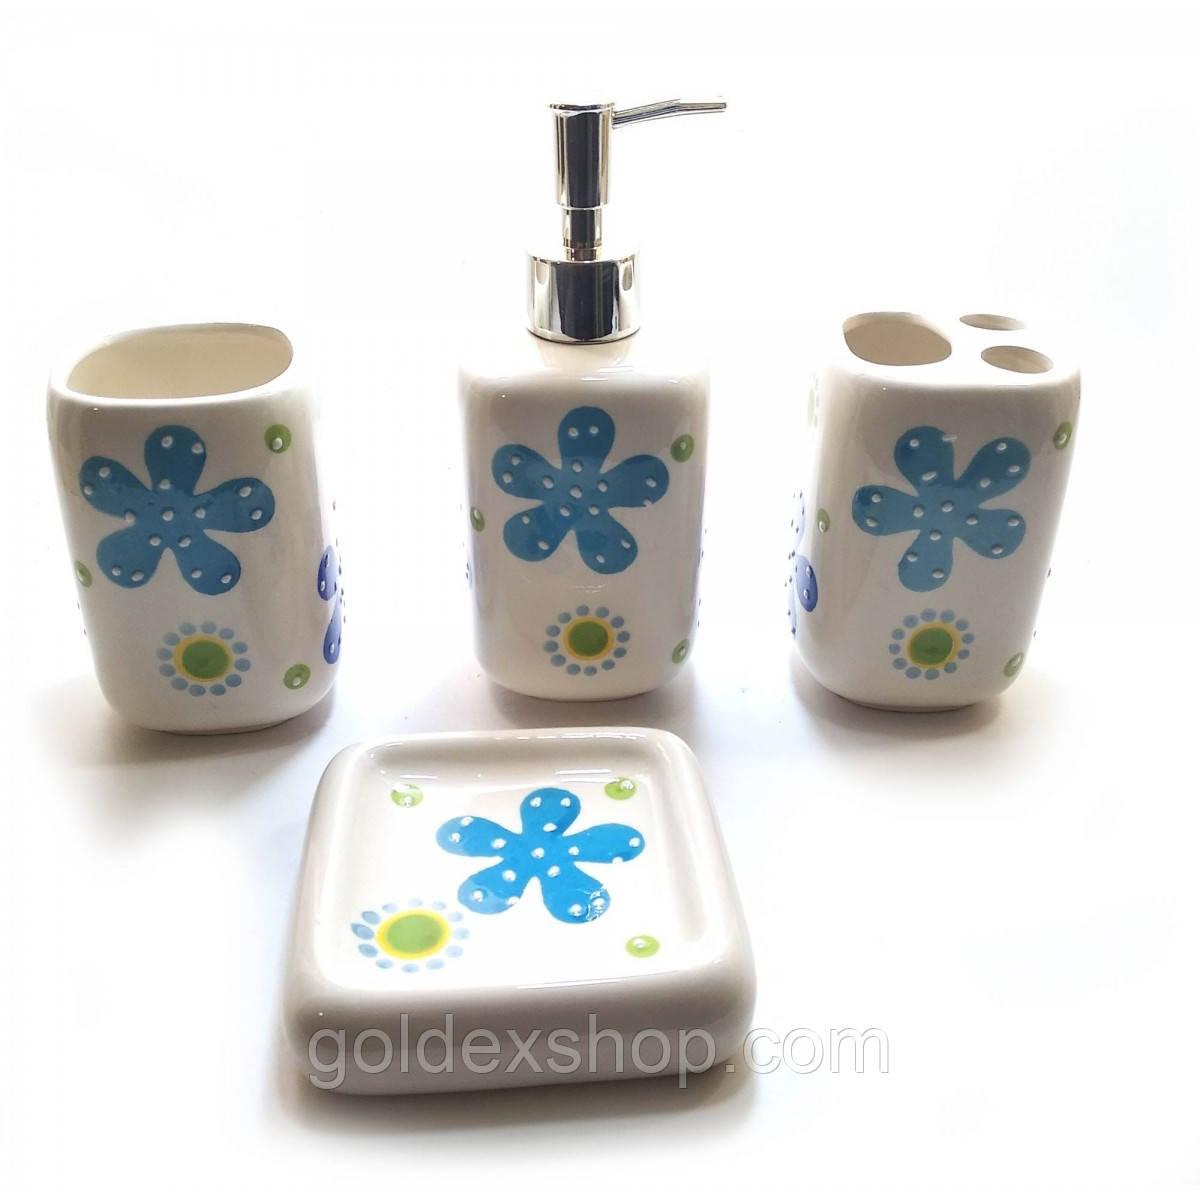 Набір для ванної керамічний блакитний (26х22х8 см)